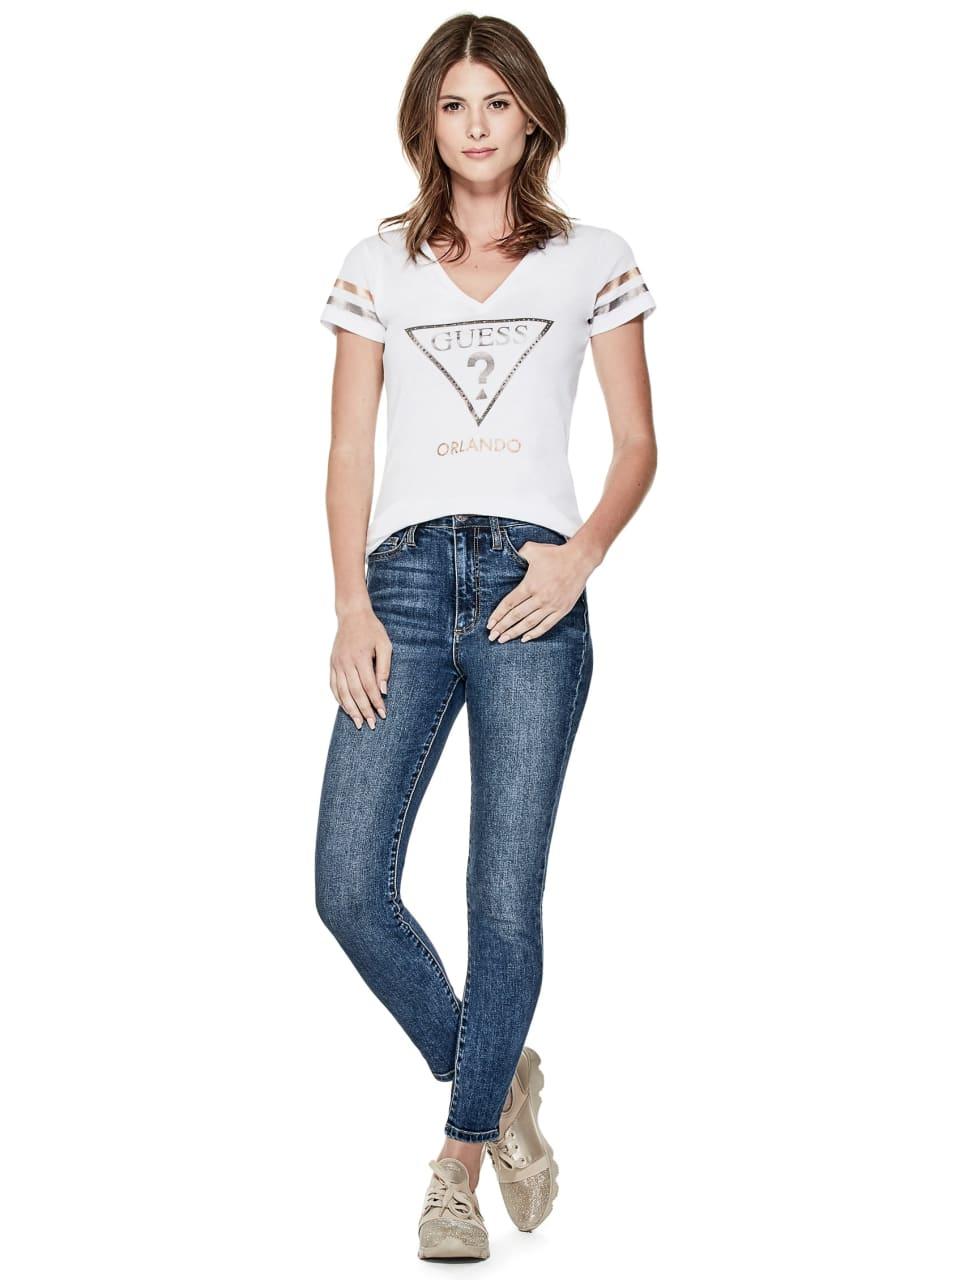 GUESS-Factory-Women-039-s-Orlando-City-Logo-V-Neck-Short-Sleeve-Varsity-Tee thumbnail 10